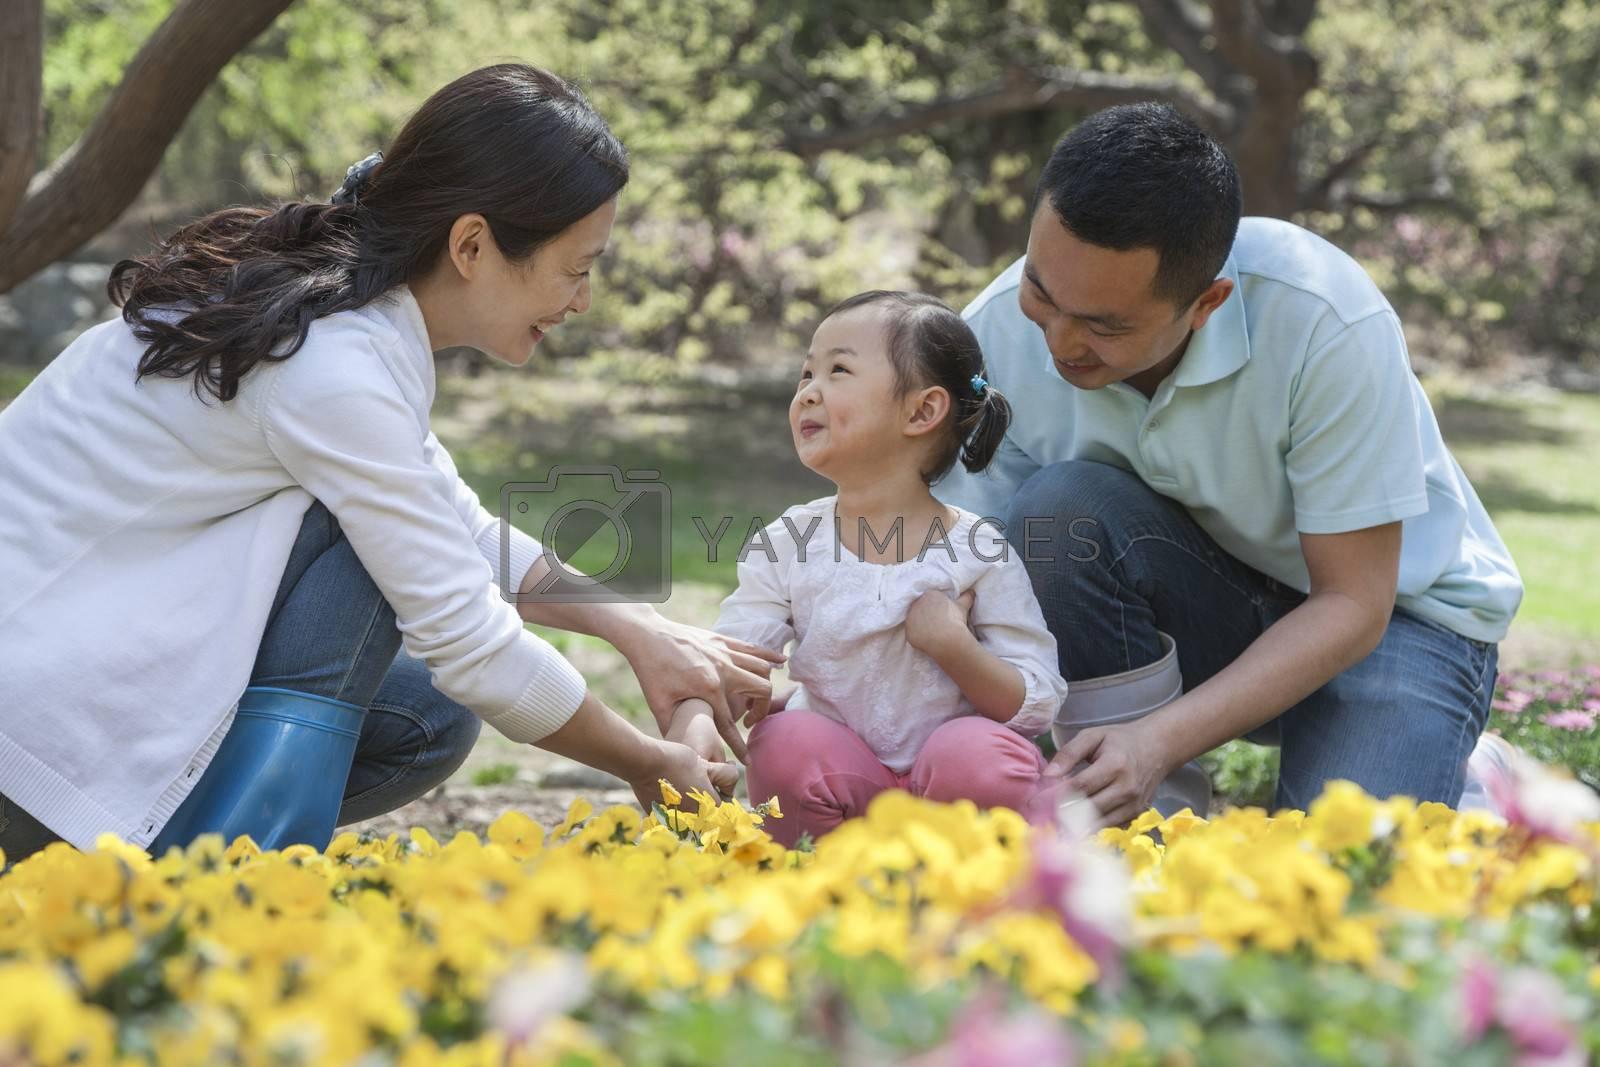 Family sitting in flower garden.